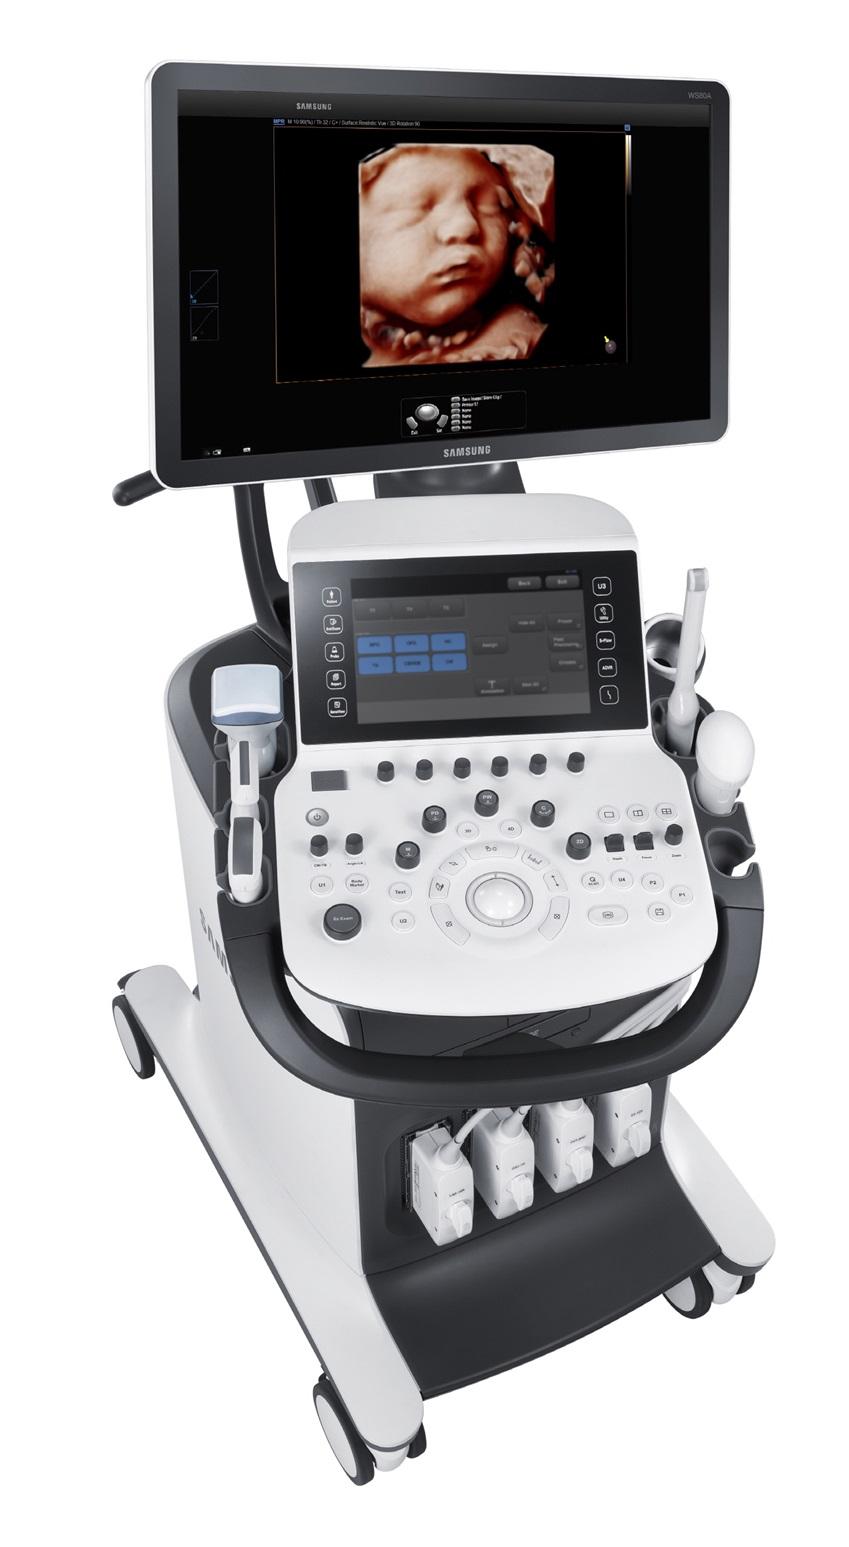 크리스탈라이브 영상처리엔진 적용된 프리미엄 초음파 진단기기 'WS80A' 제품사진